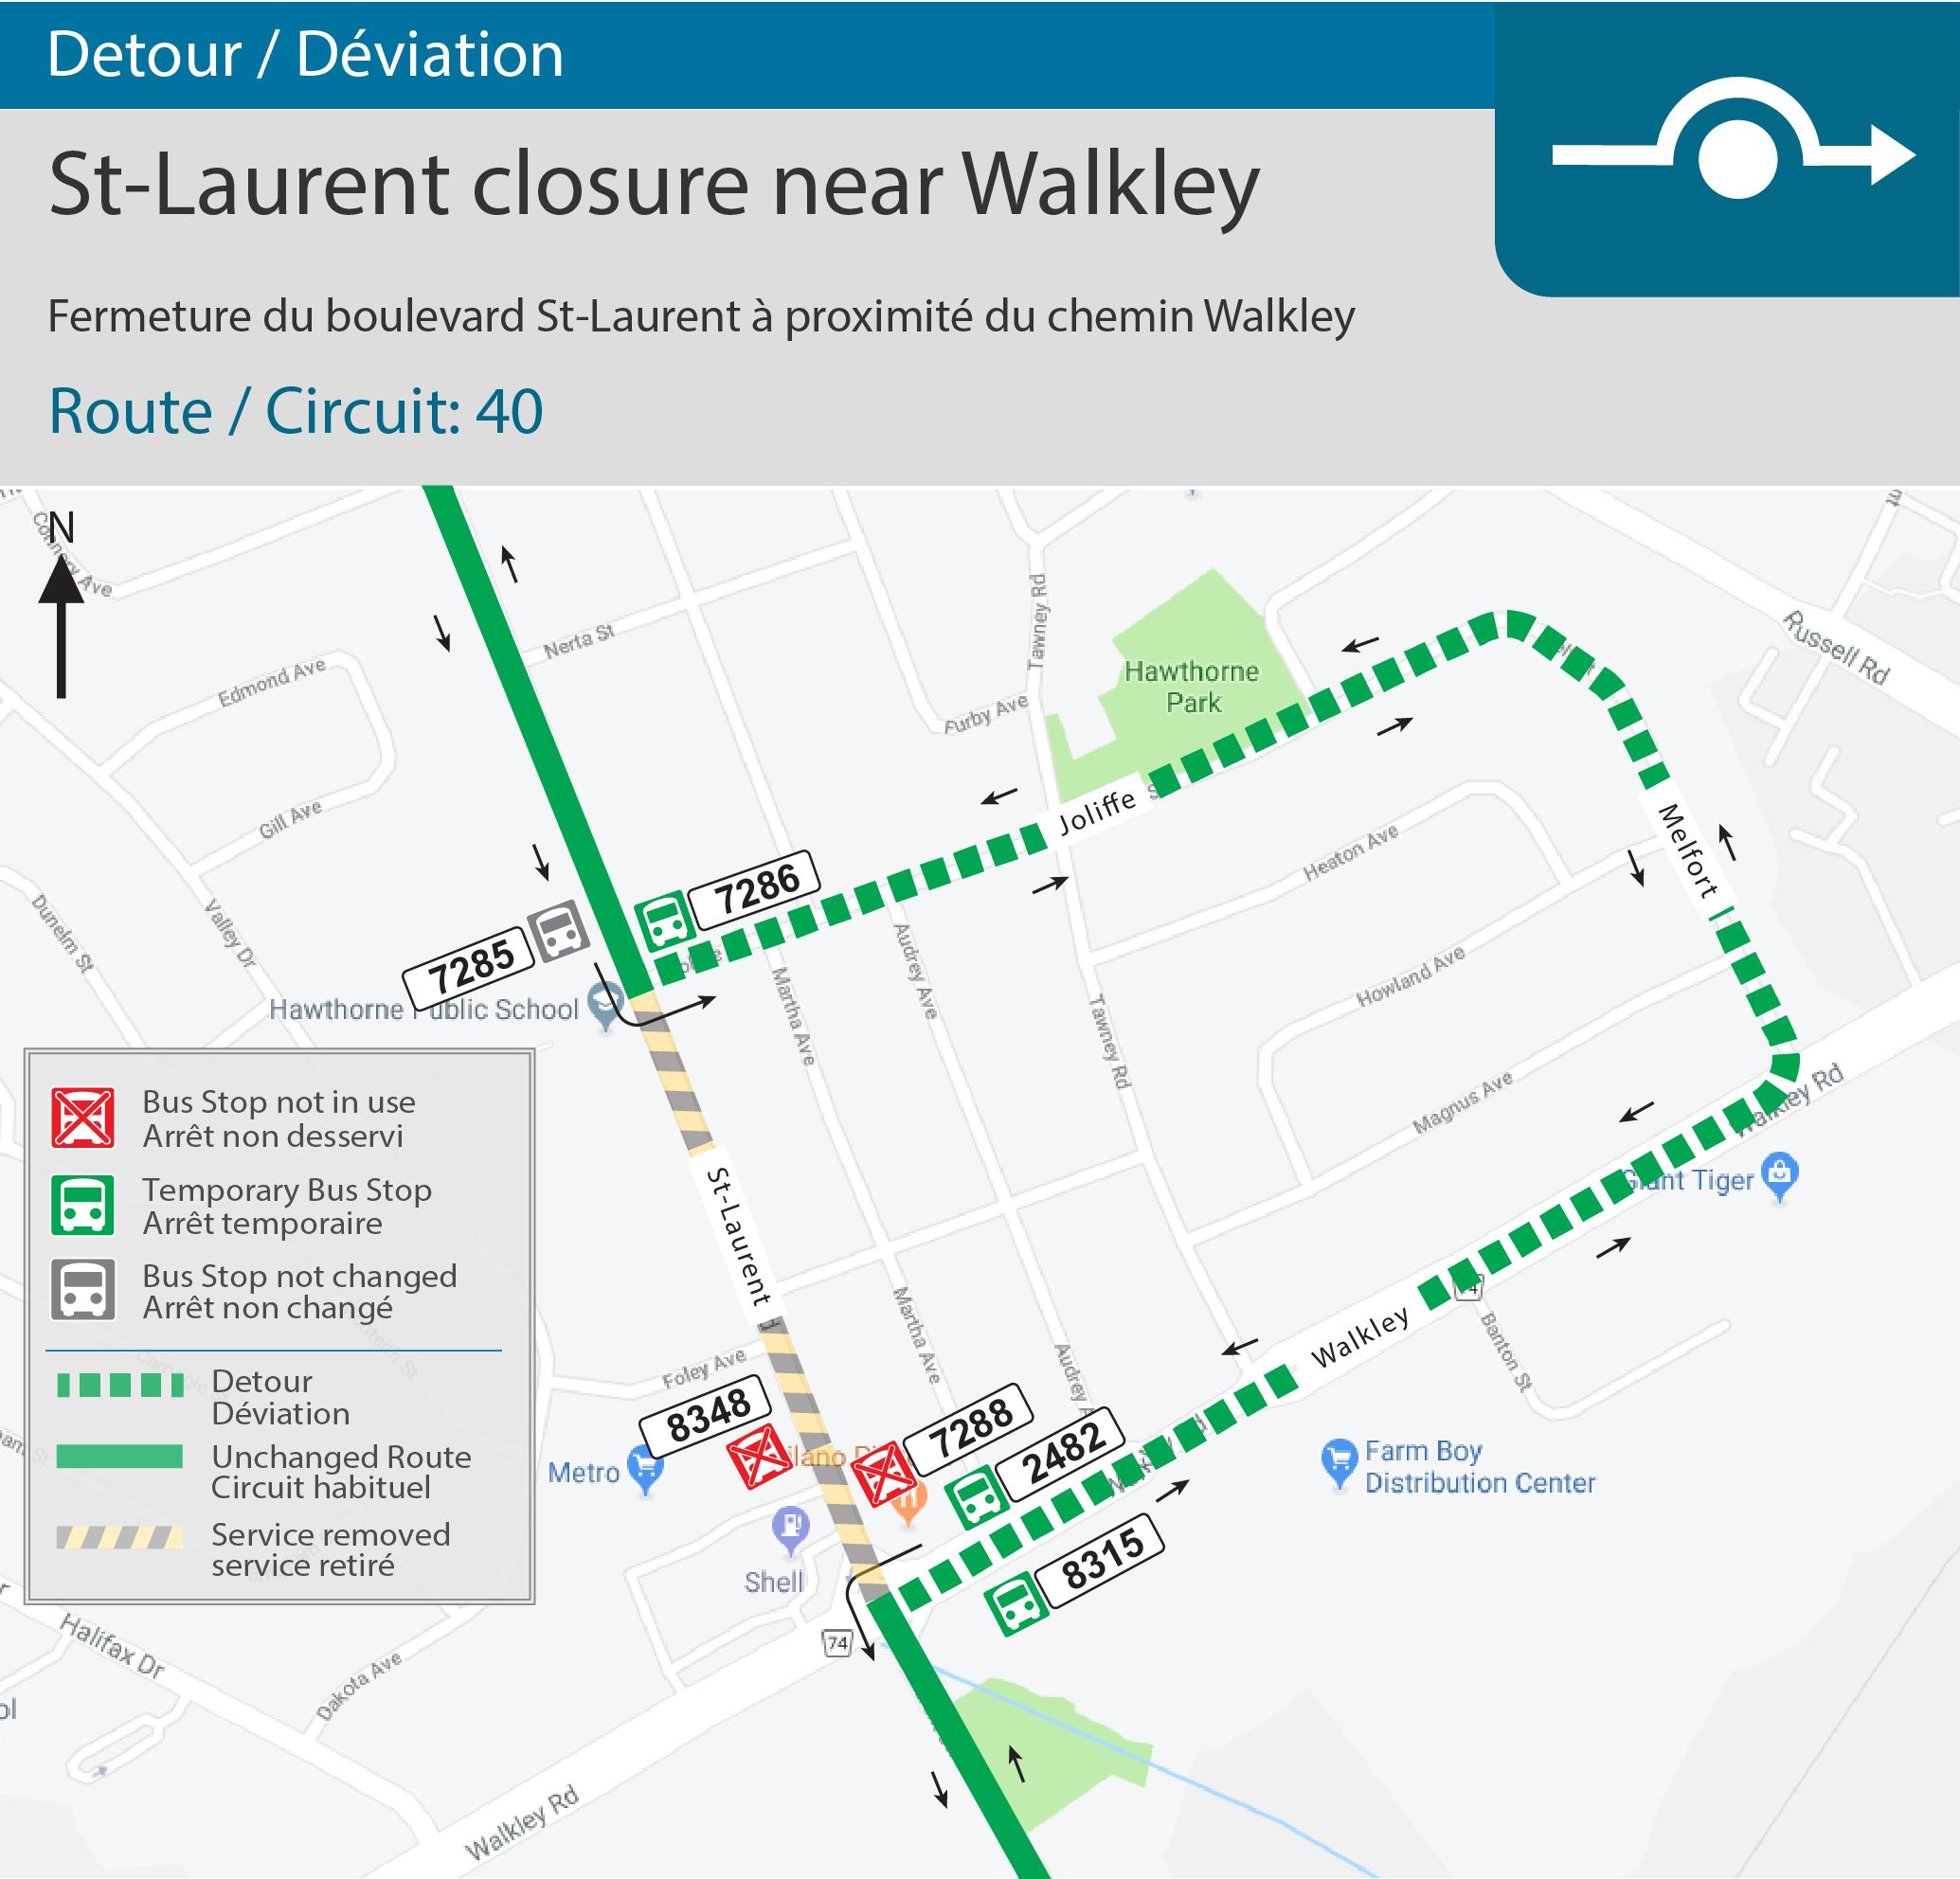 Detour map for St-Laurent/Walkley Intersection closure